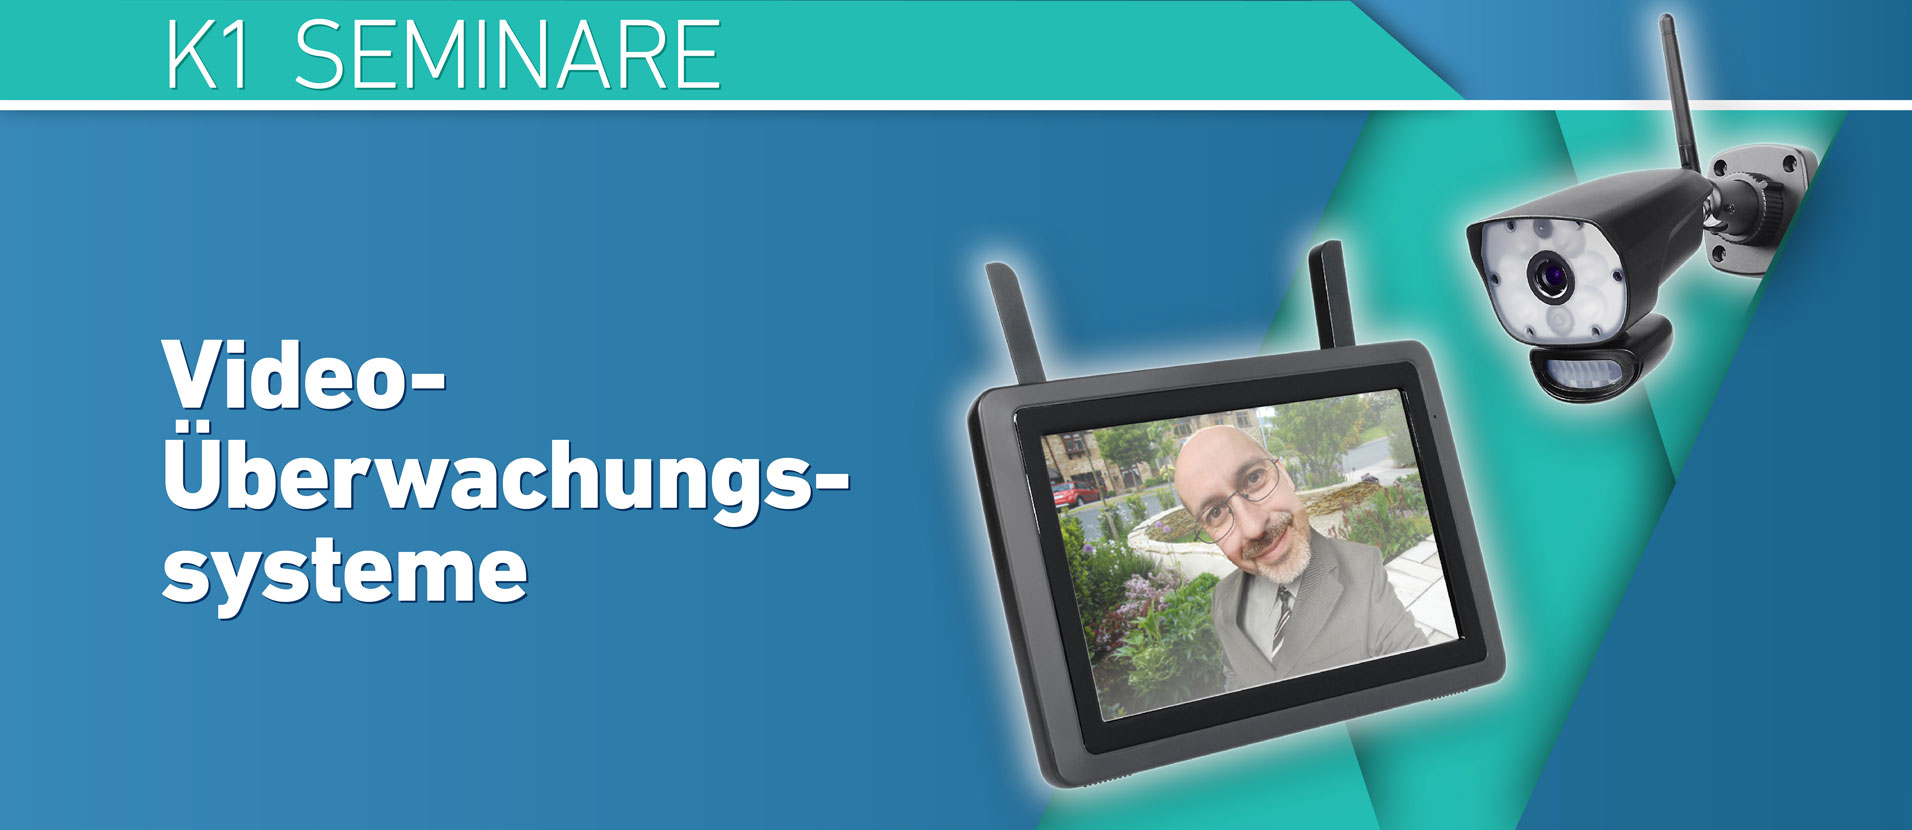 K1 Seminar - Video-Überwachungssysteme